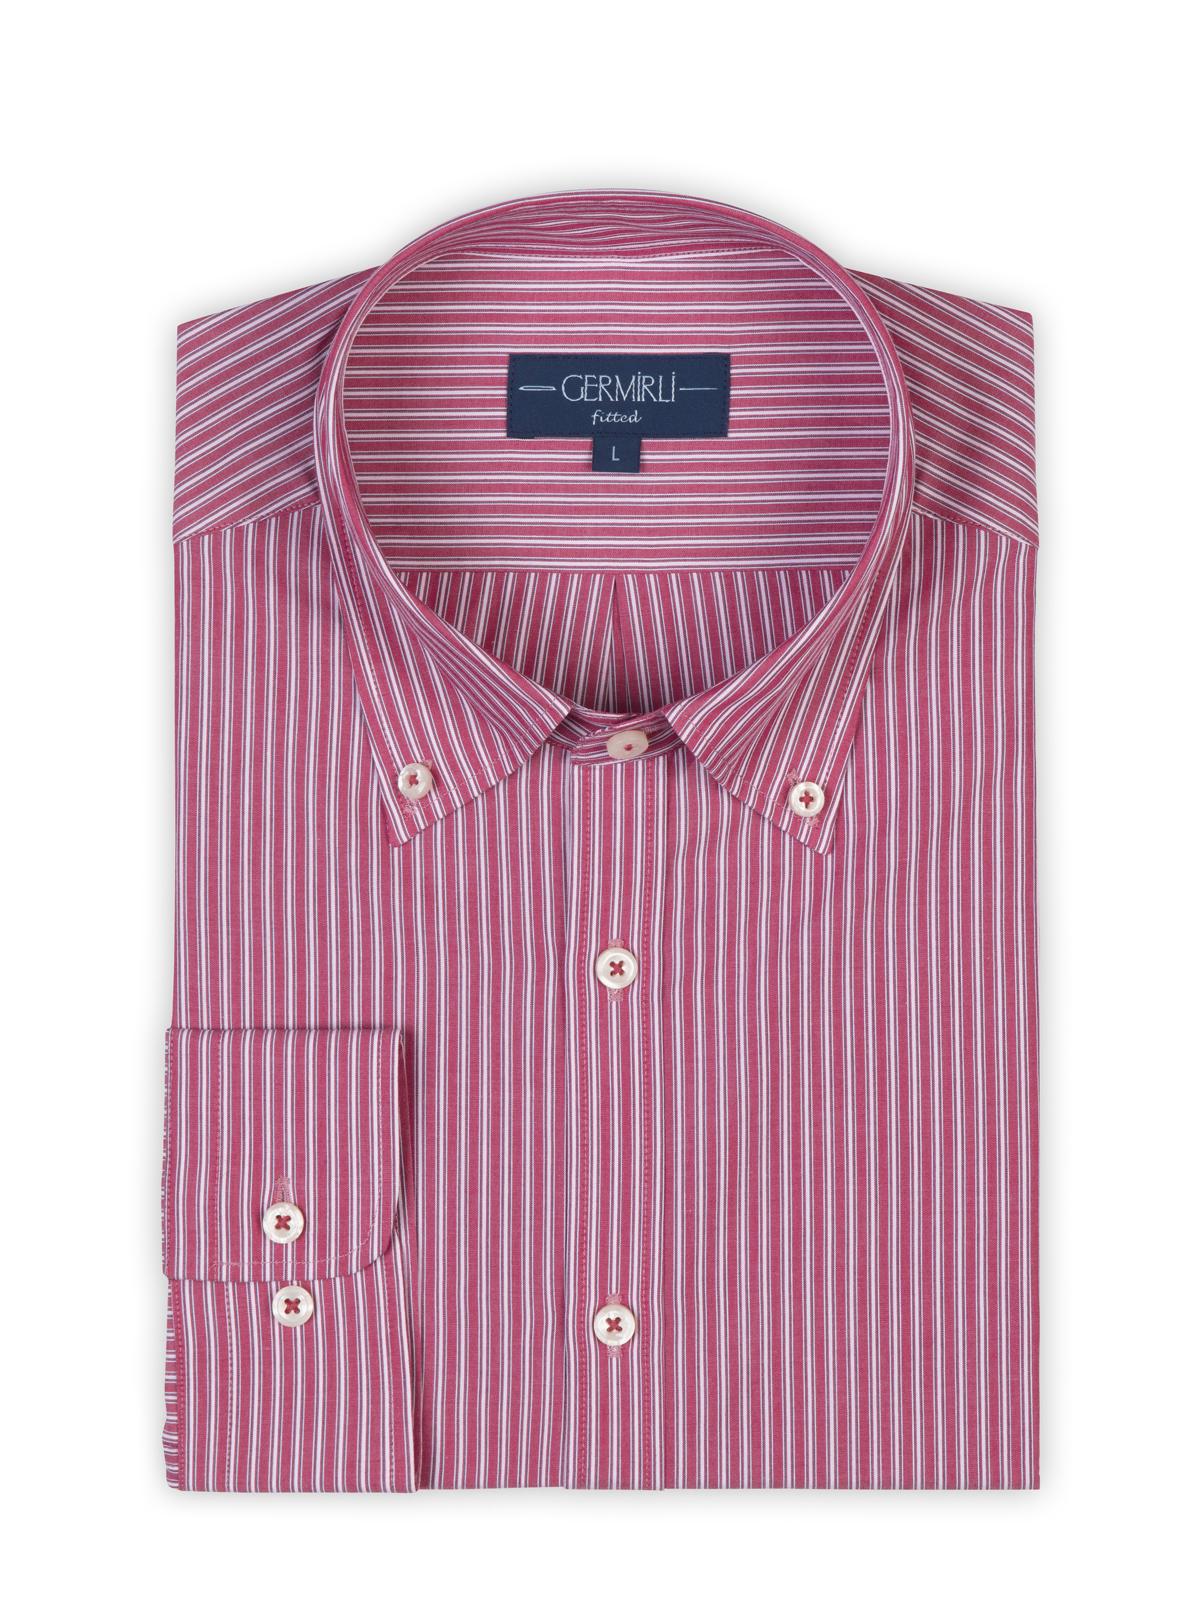 Germirli Kırmızı Çizgili Düğmeli Yaka Tailor Fit Gömlek